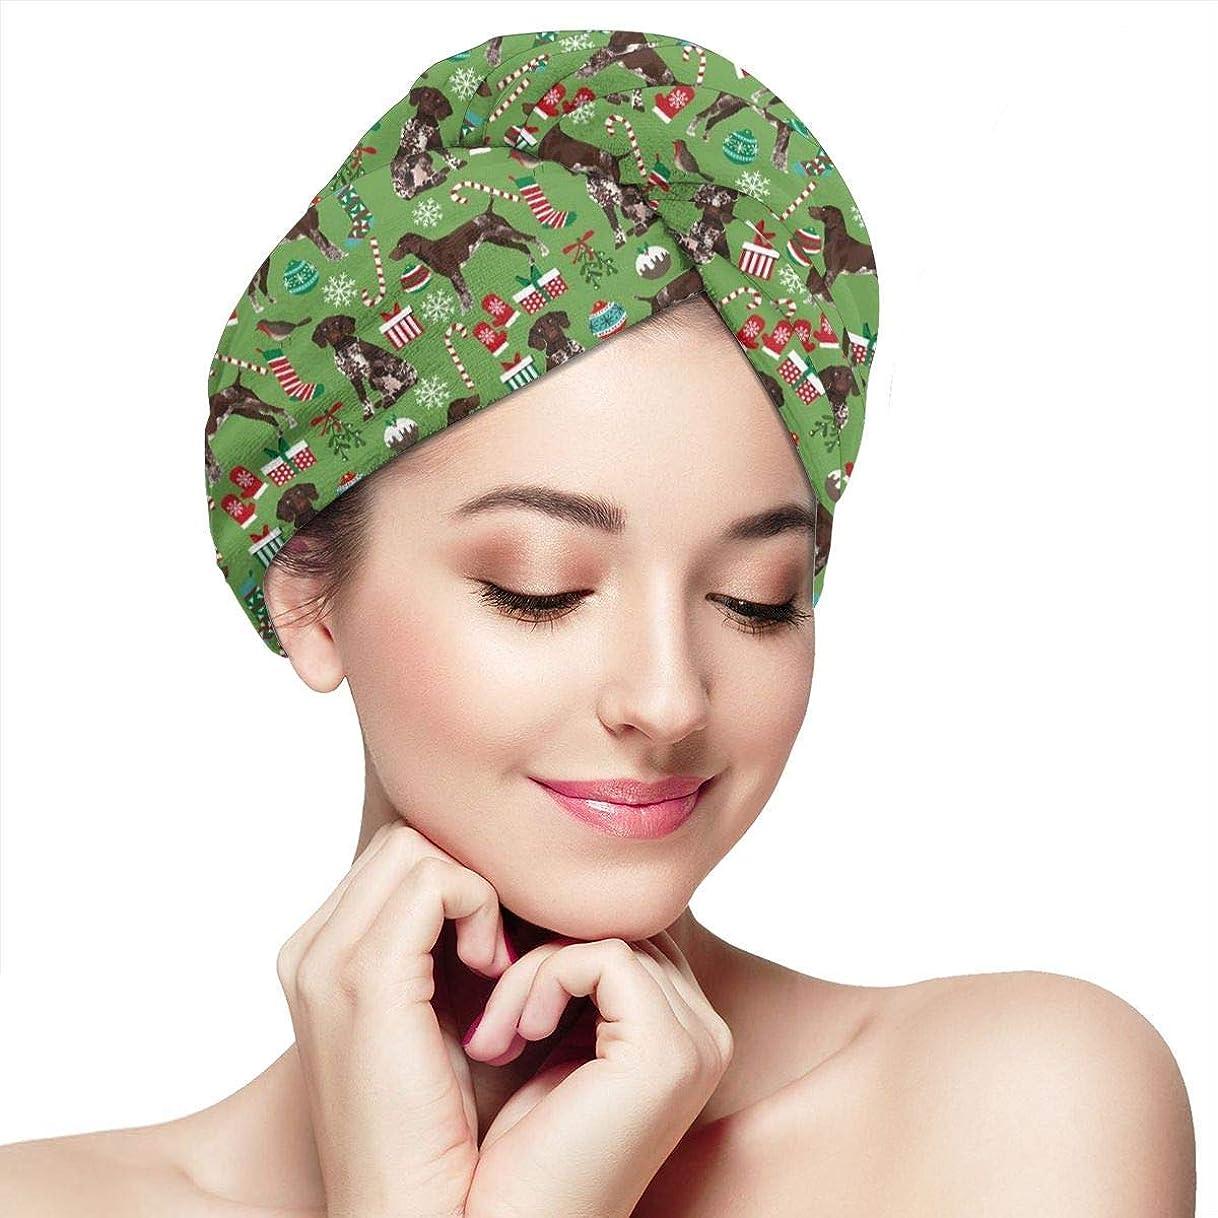 予測子華氏象ヘアドライヤタオルドイツショートヘアポインタードッグクリスマスラップターバンバスシャワーヘッドタオル女性用クイックマジックドライヤー帽子吸収性すぐに帽子縮れたハンズフリーヘア用アンチフリズ